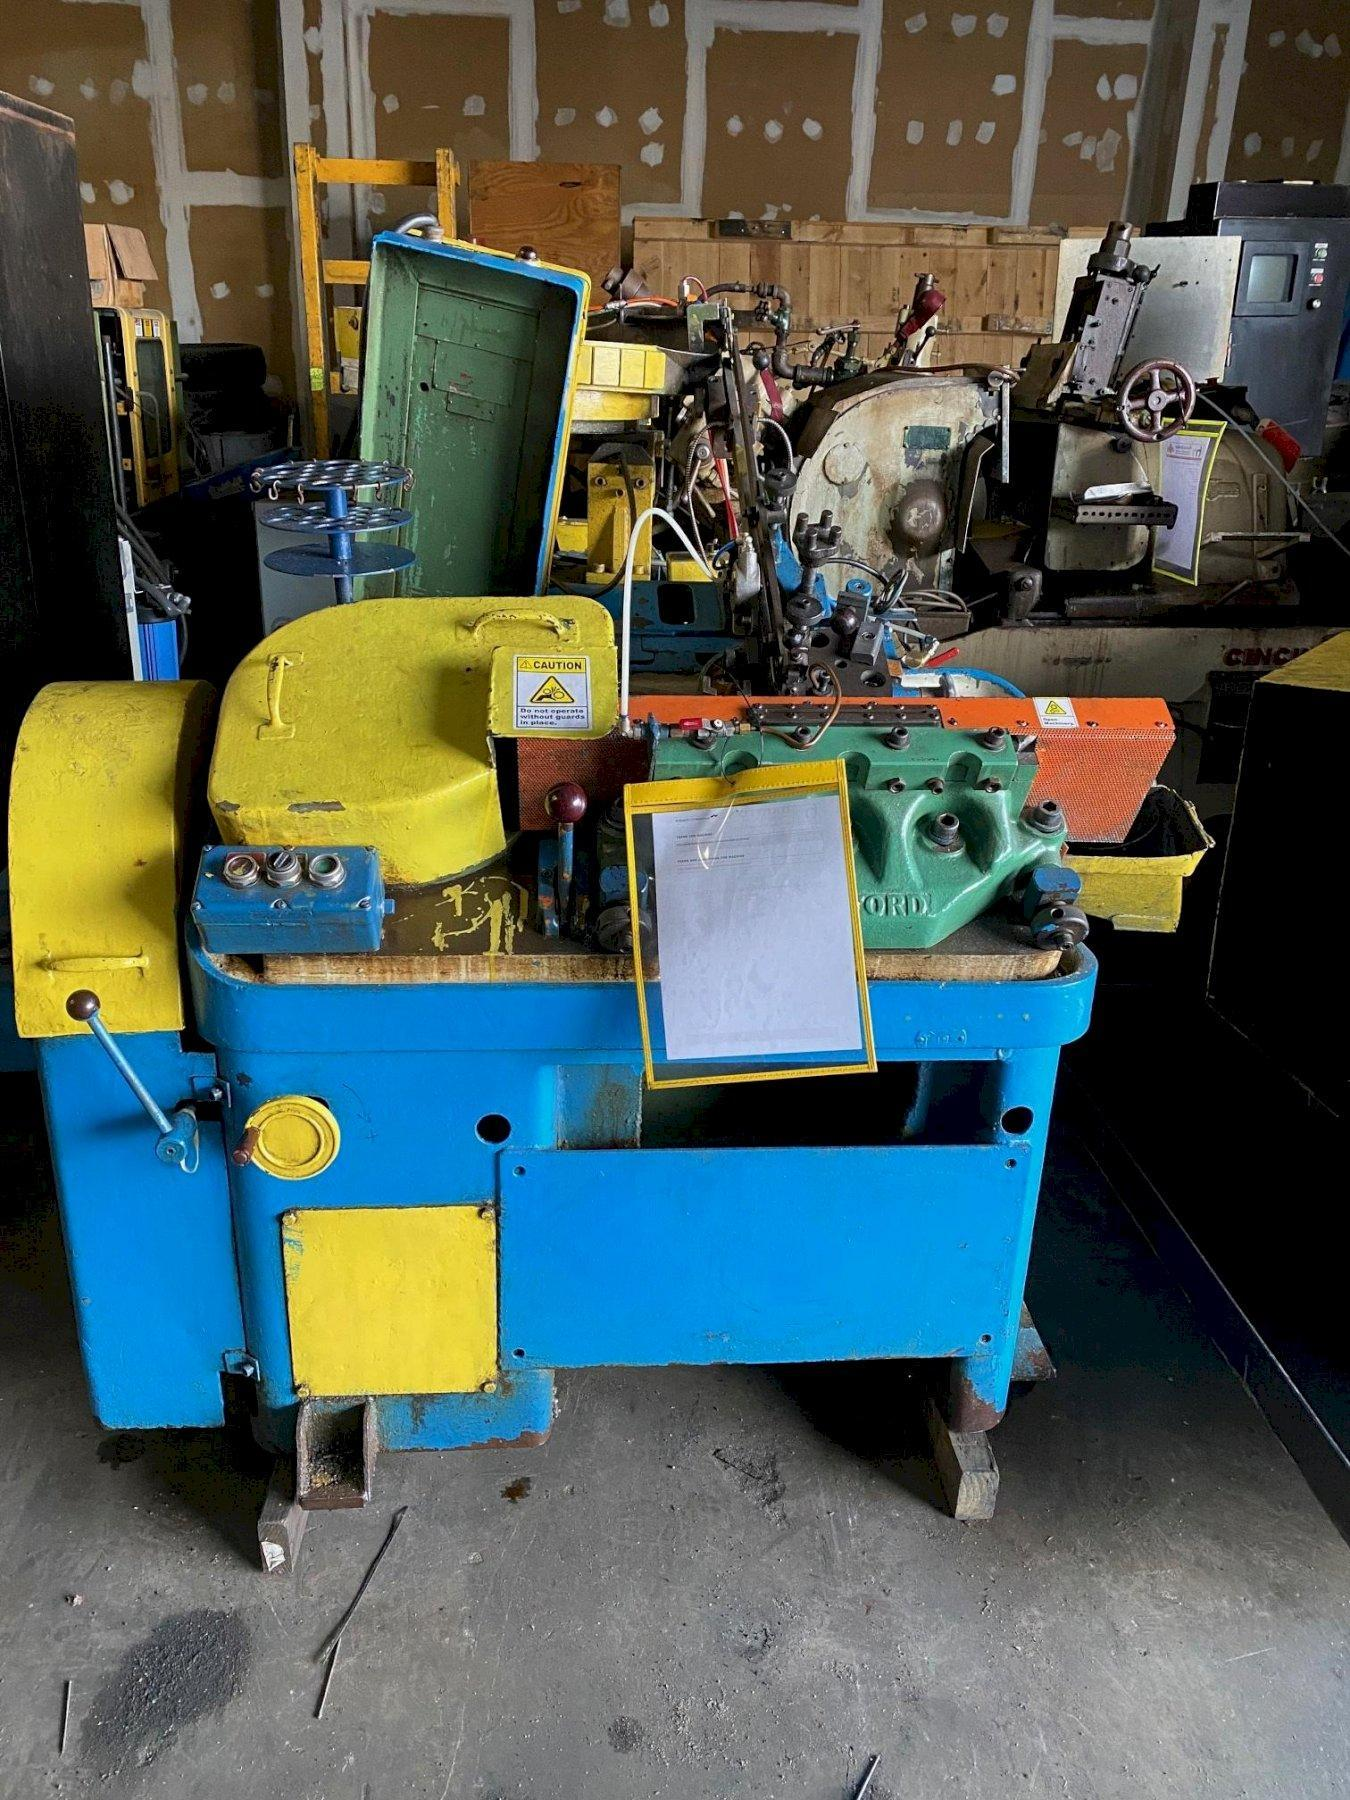 #0 Hartford Model 0-400 High Speed Flat Die Thread Roller